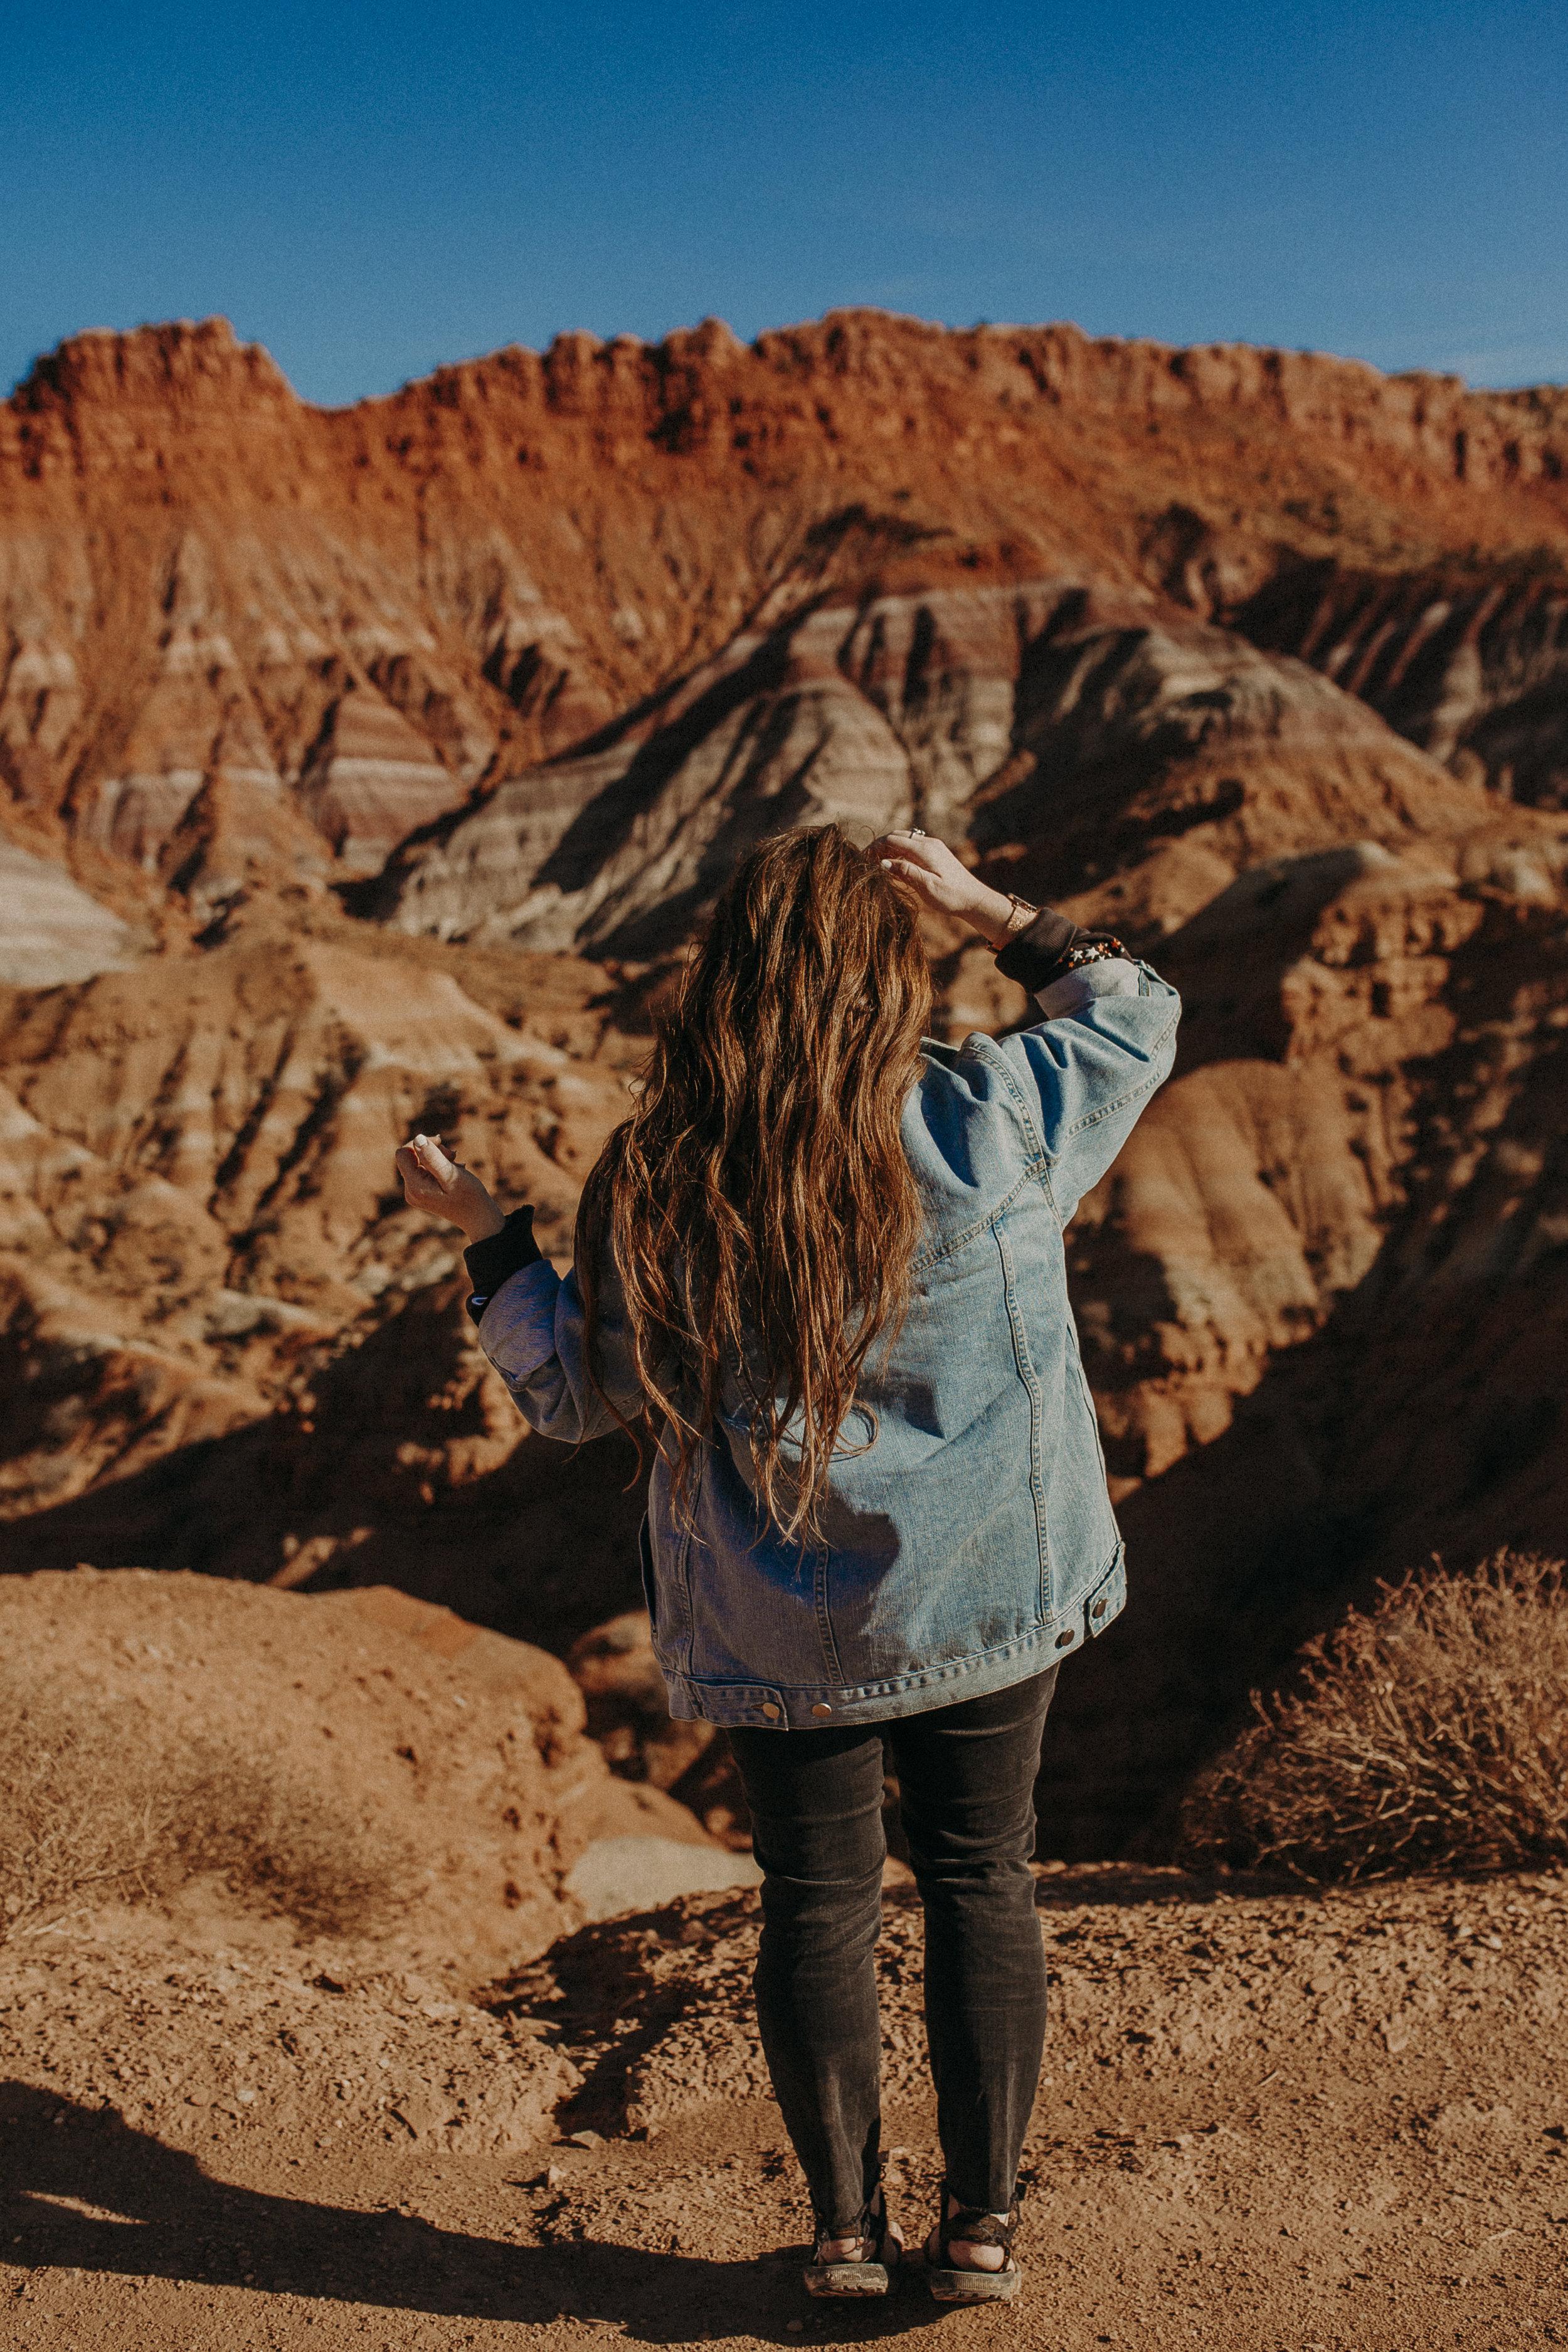 Piria-Canyon-Southern-Utah-Kanab-7.jpg